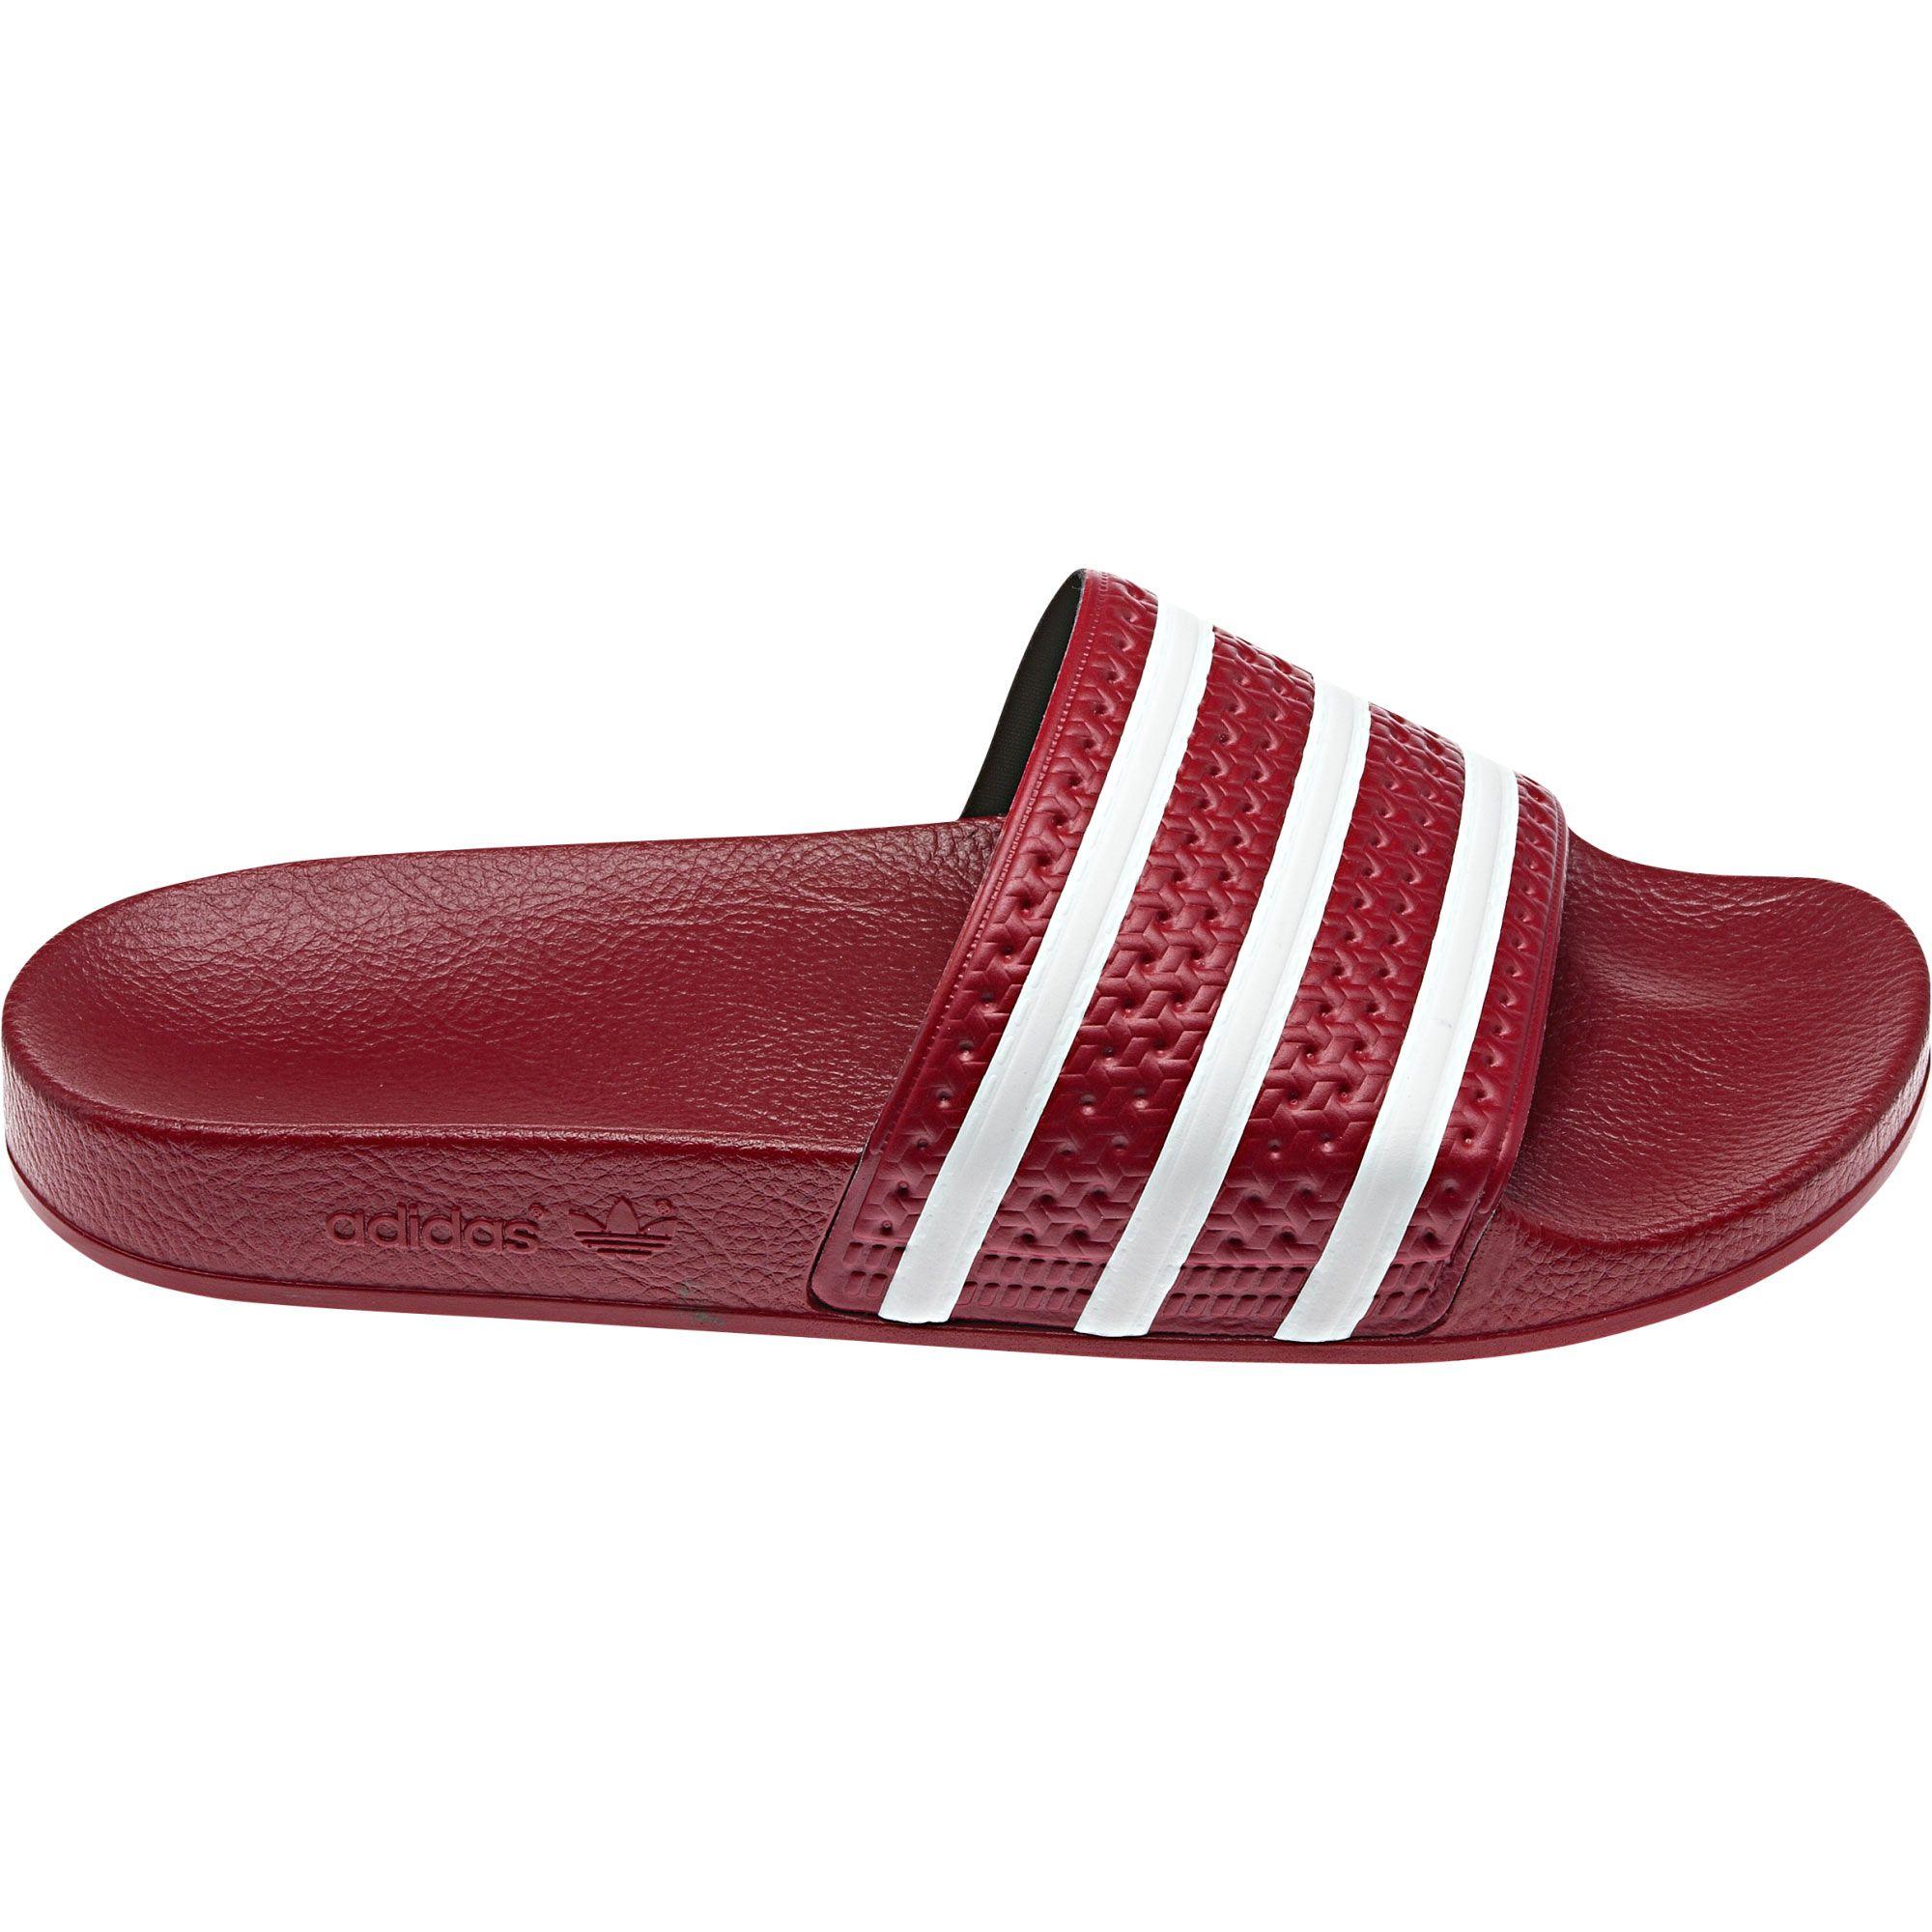 Adidas Adilette Slides rojo